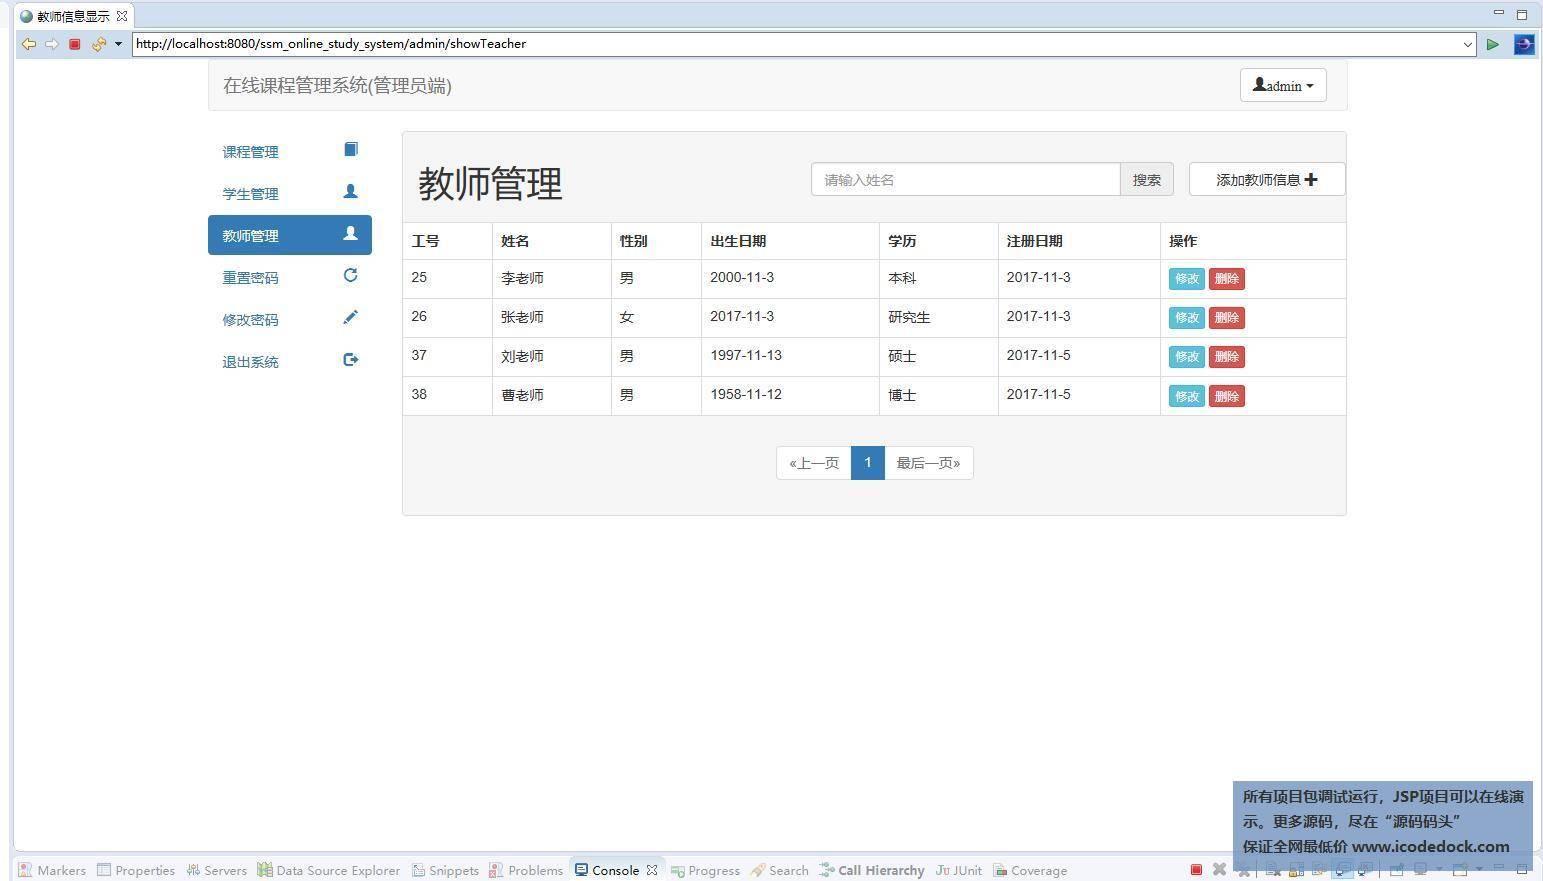 源码码头-SSM在线课程管理系统-管理员角色-教师管理